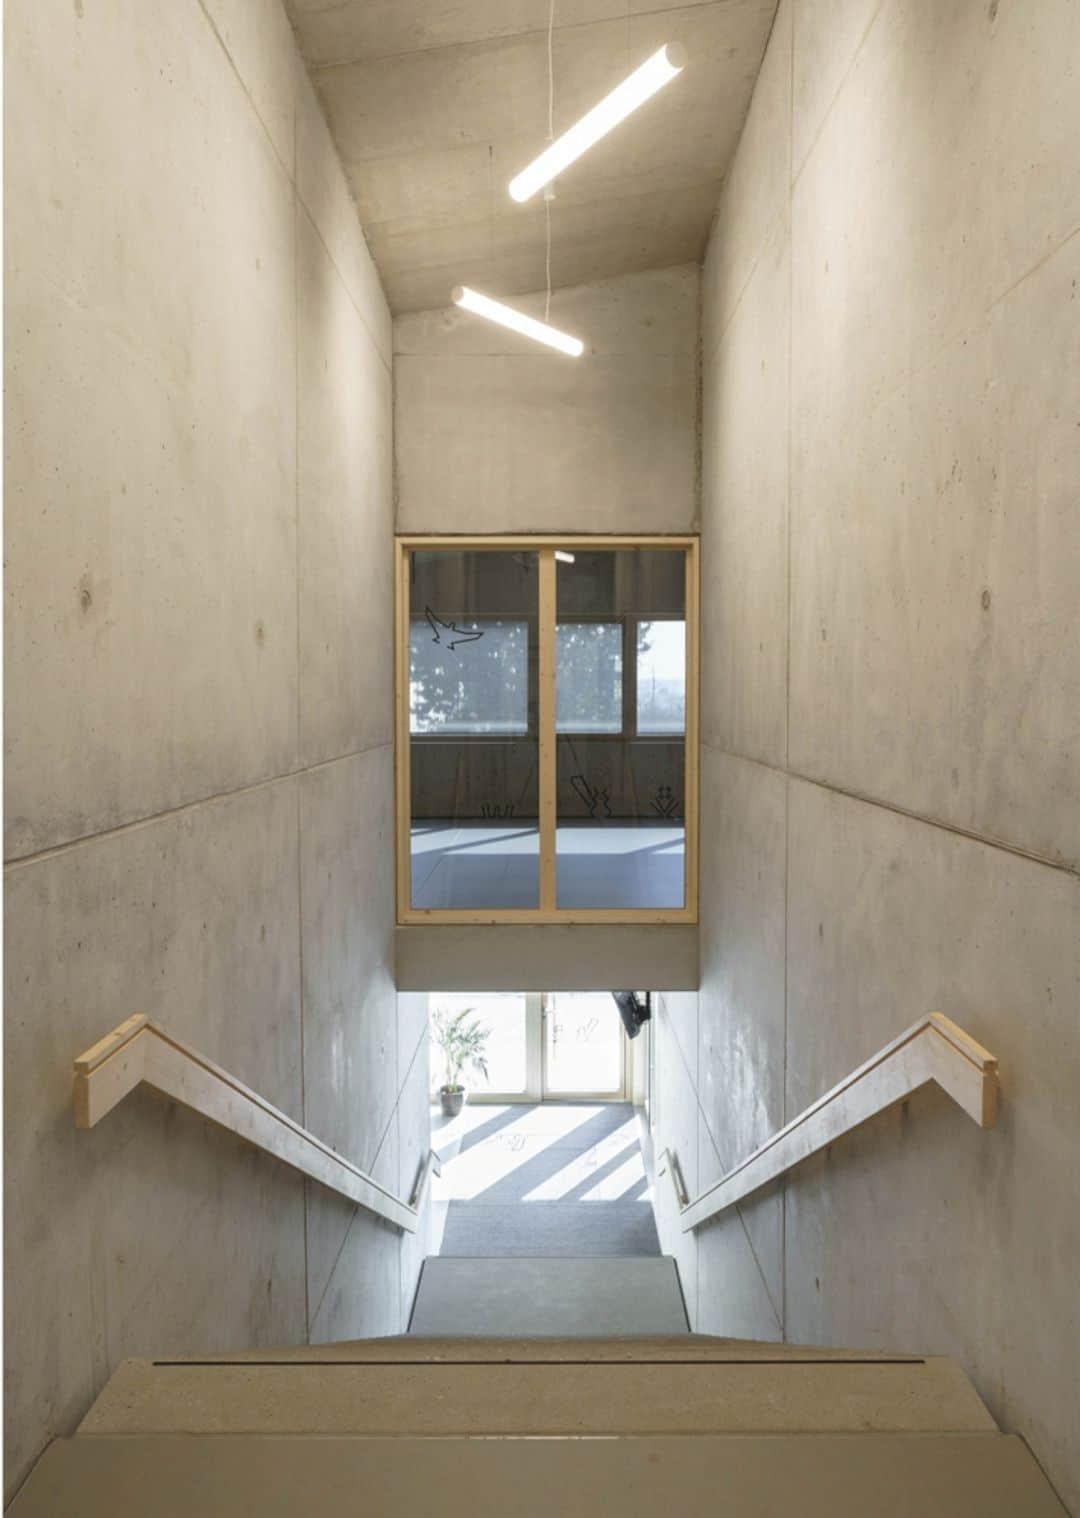 House For Children By Goldbrunner Architektur 1